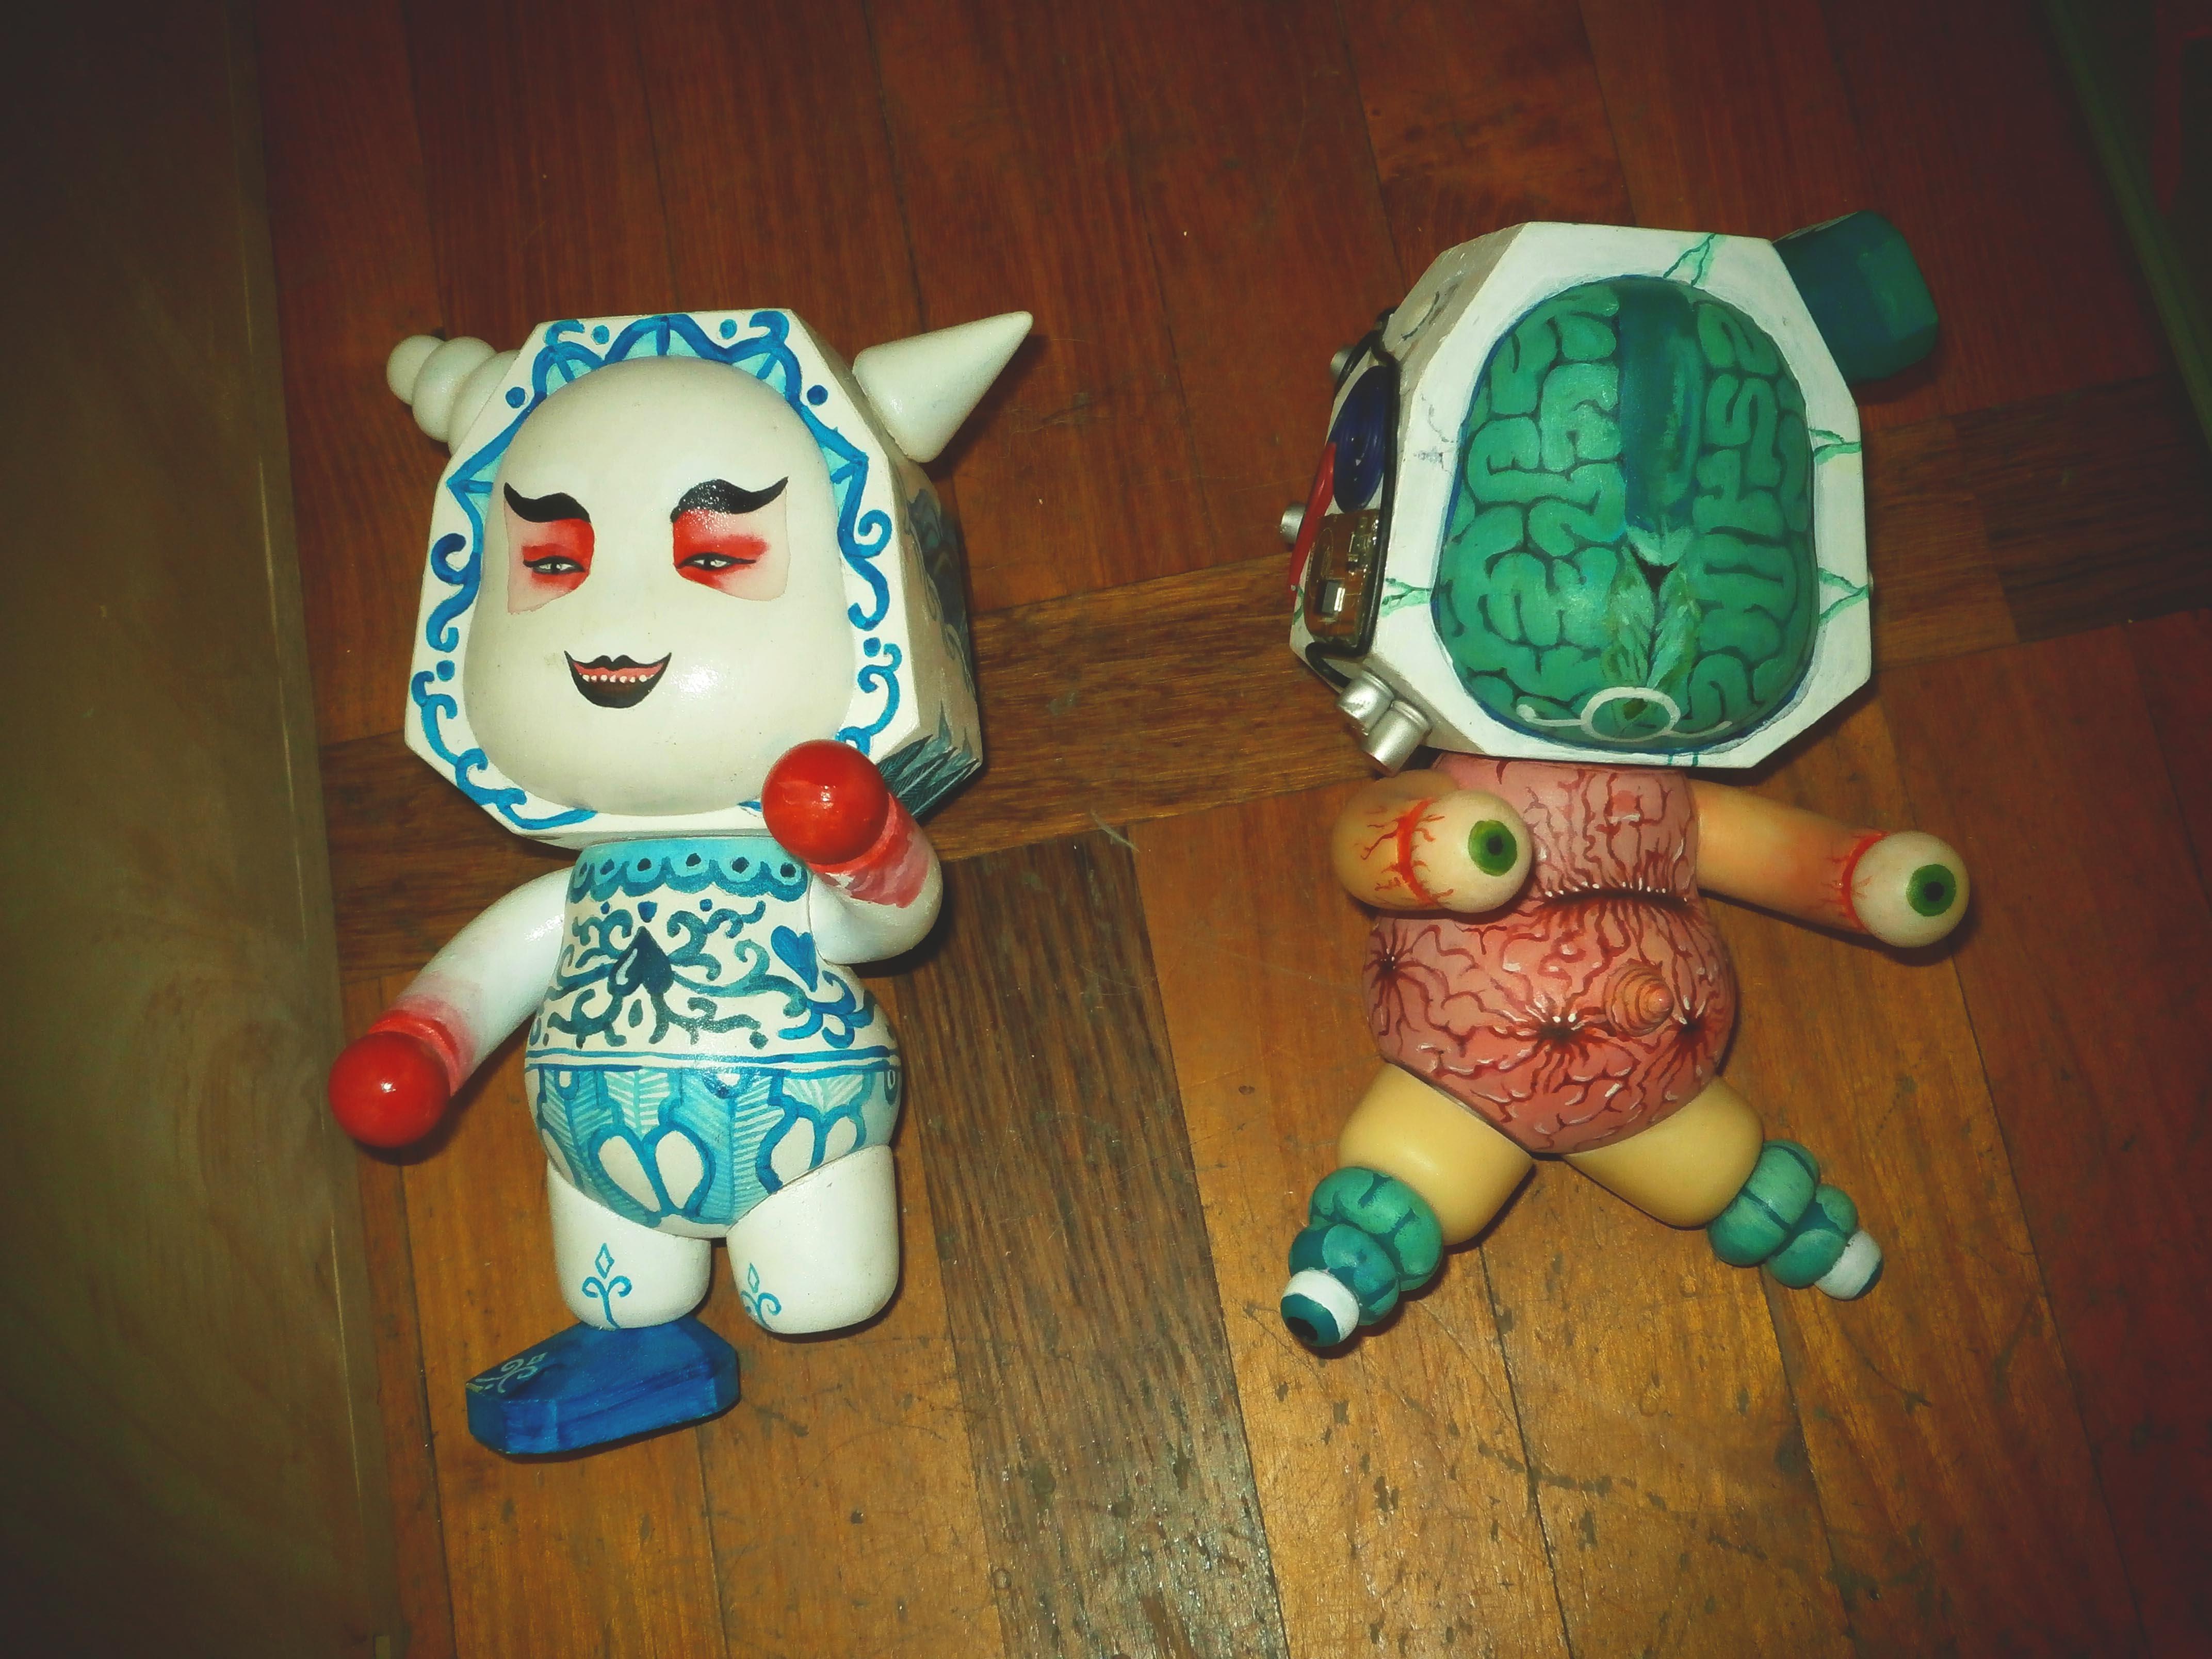 Urban toys